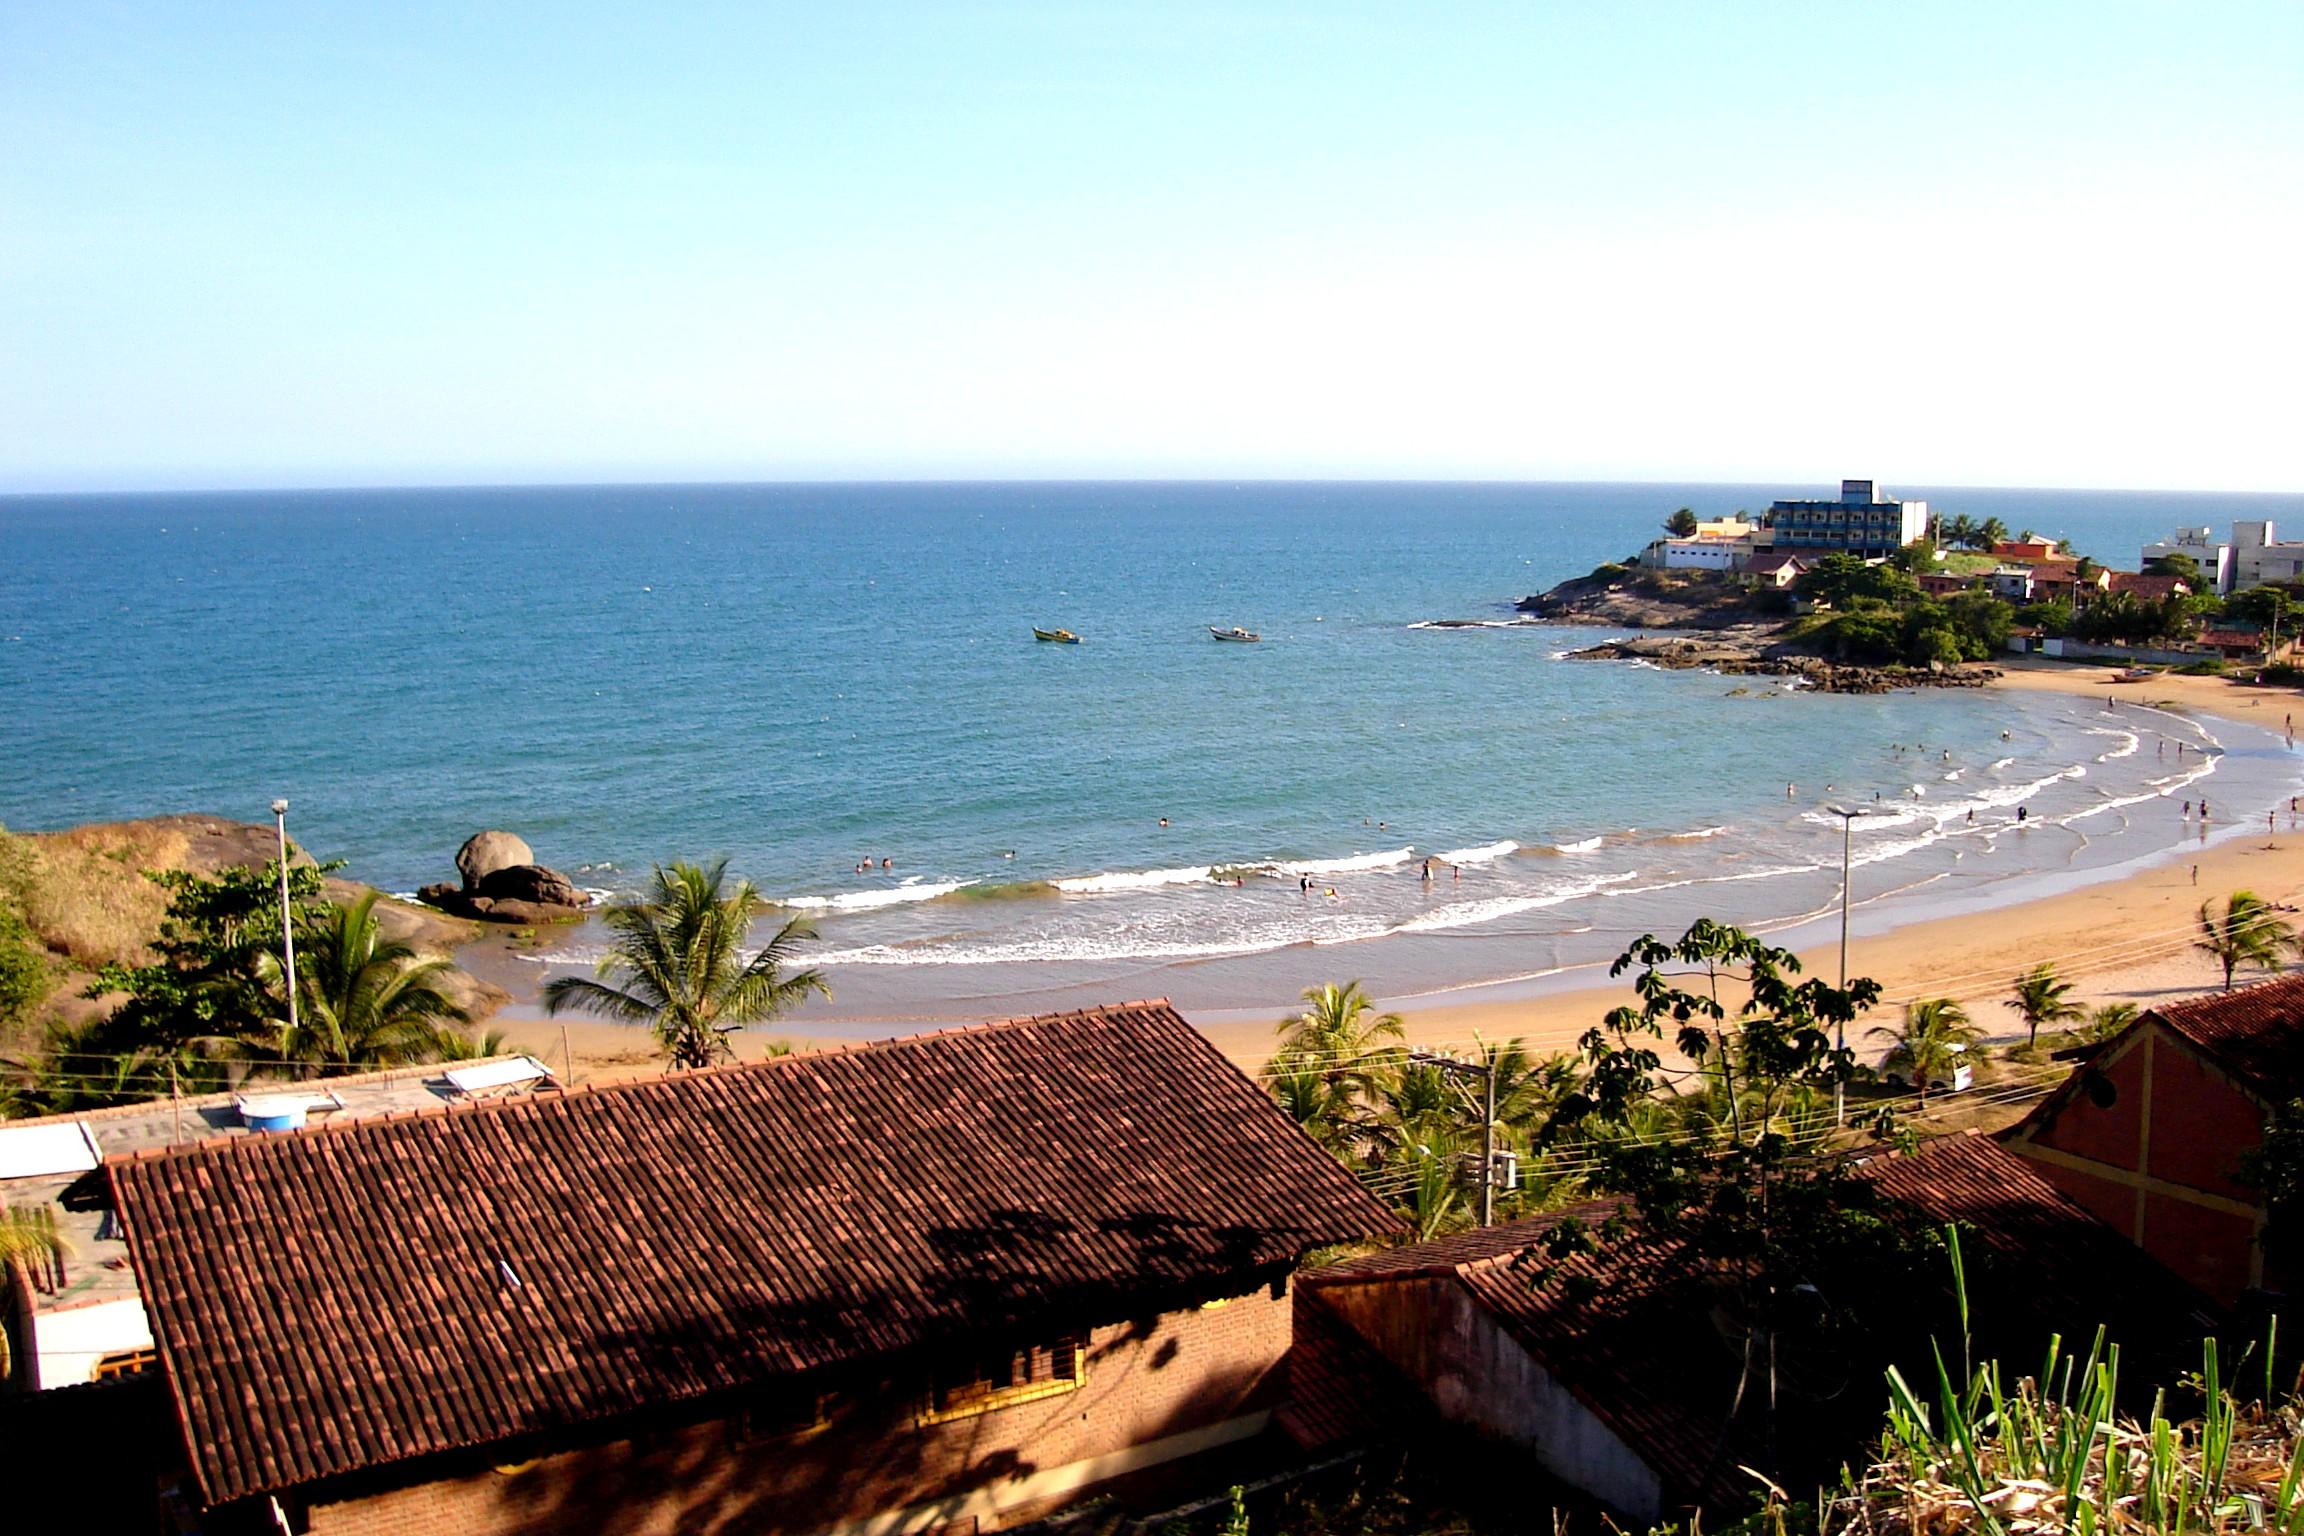 O que fazer no Dia dos Namorados: Praia dos Namorados